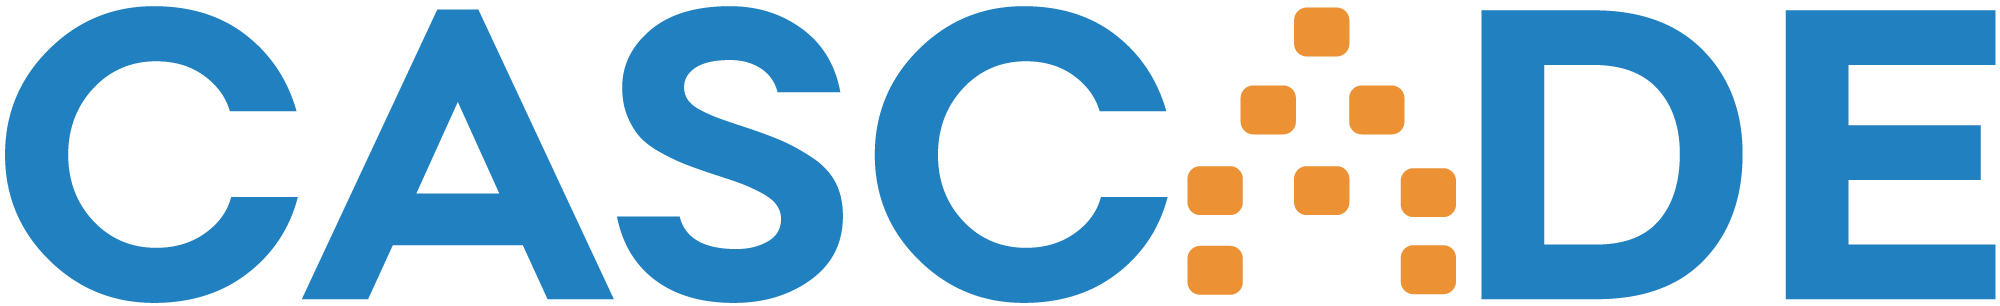 2016-Cascade-Logo-blue--MASTER---Outlines